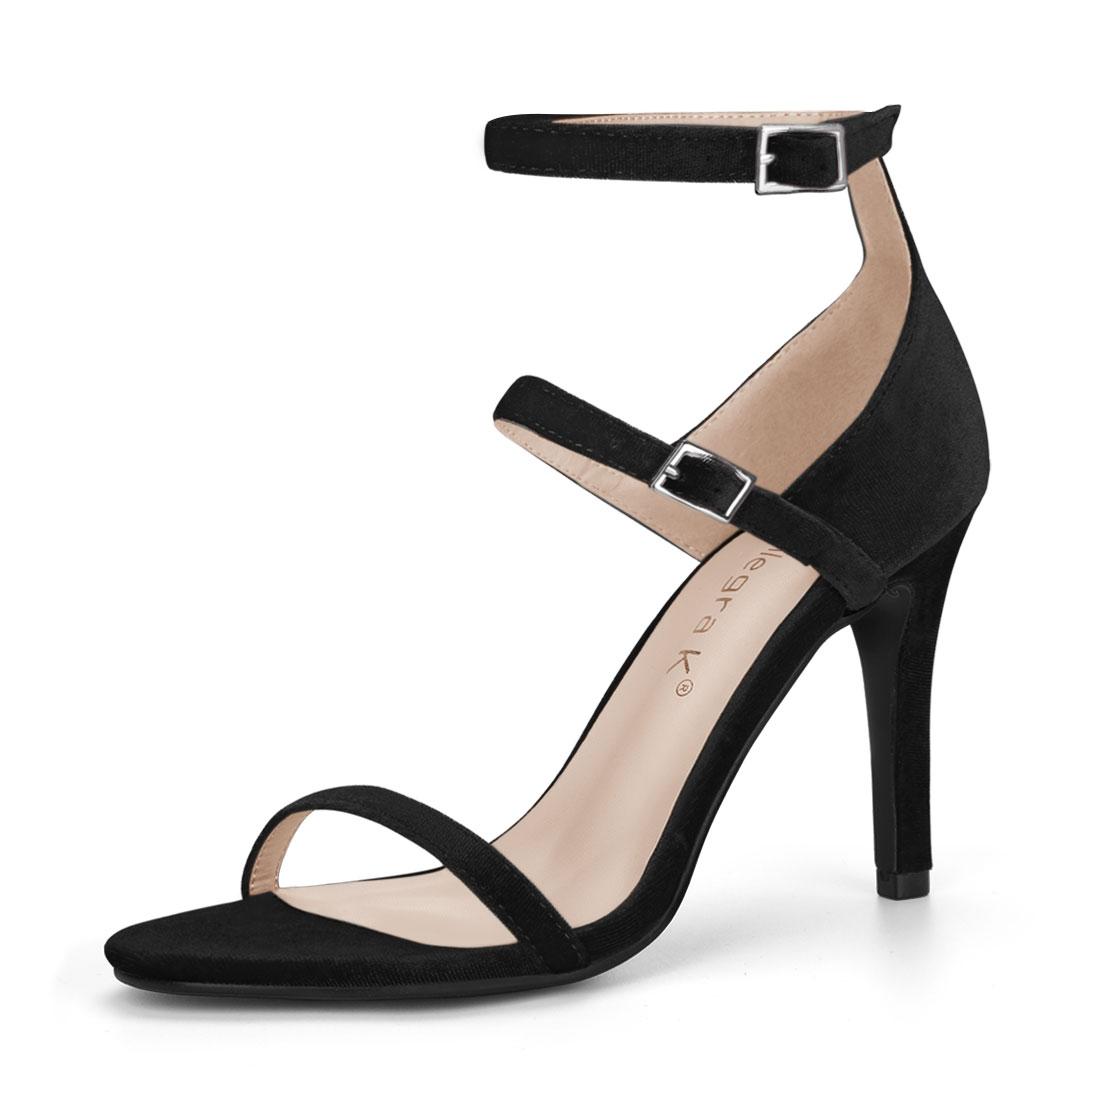 Women Open Toe Double Ankle Strap Stiletto Heel Sandals Black US 7